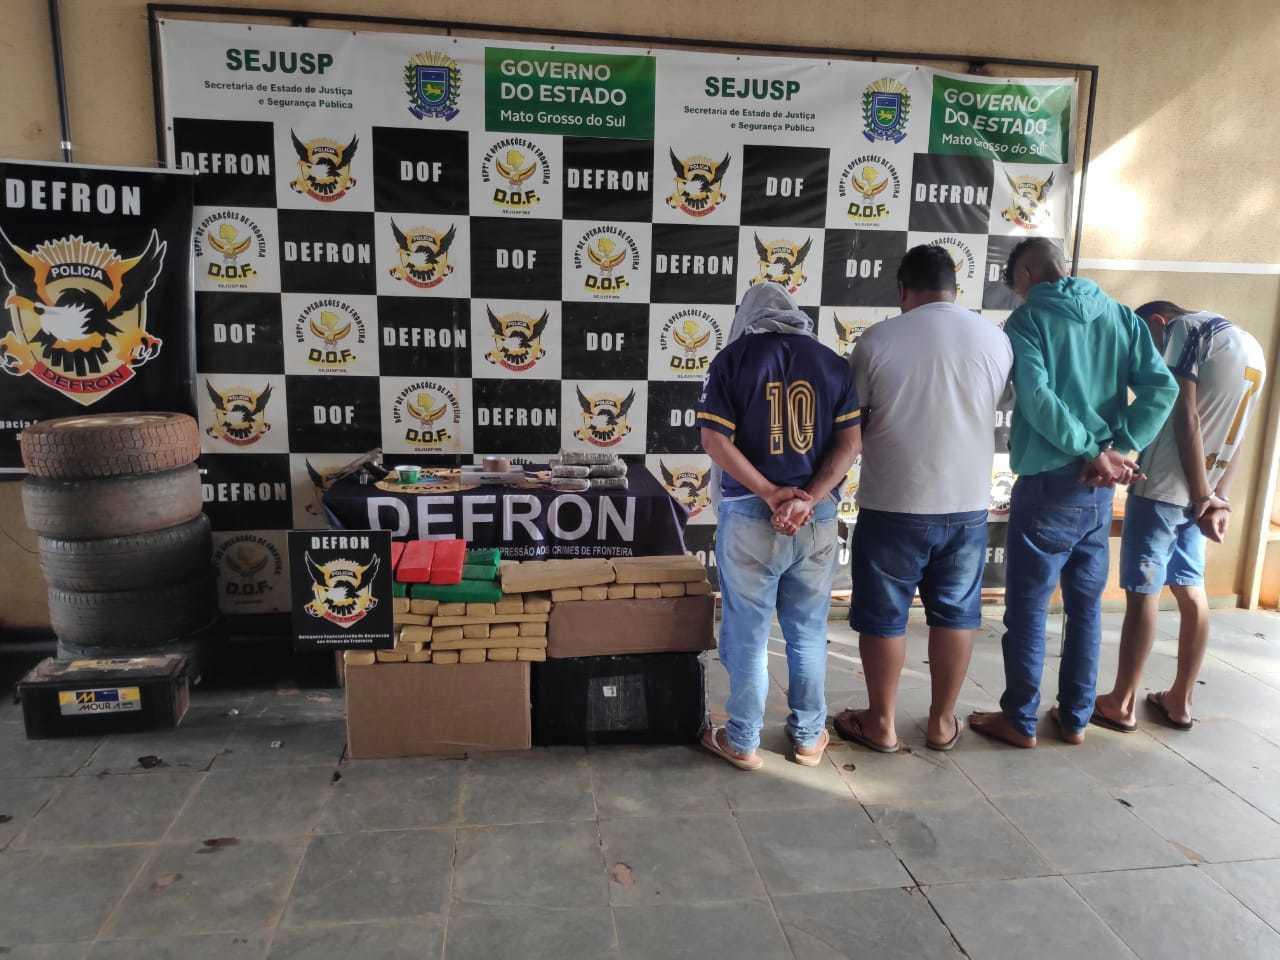 Os quatro presos hoje em Dourados, 3 por tráfico e um por porte de arma. (Foto: Adilson Domingos)